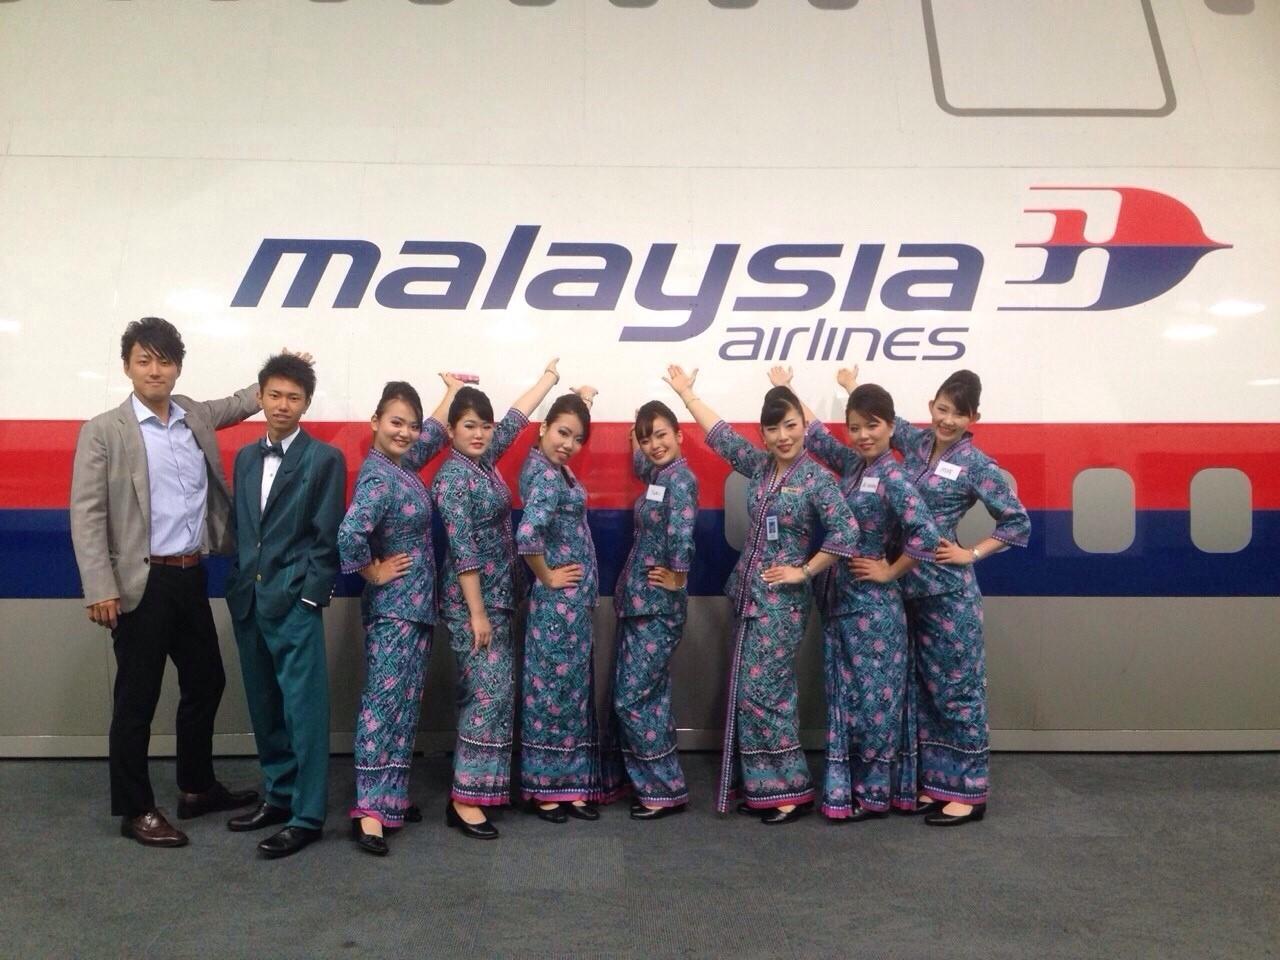 マレーシア航空☆キャビンクルー体験プログラム ※受付は終了致しました。:イメージ